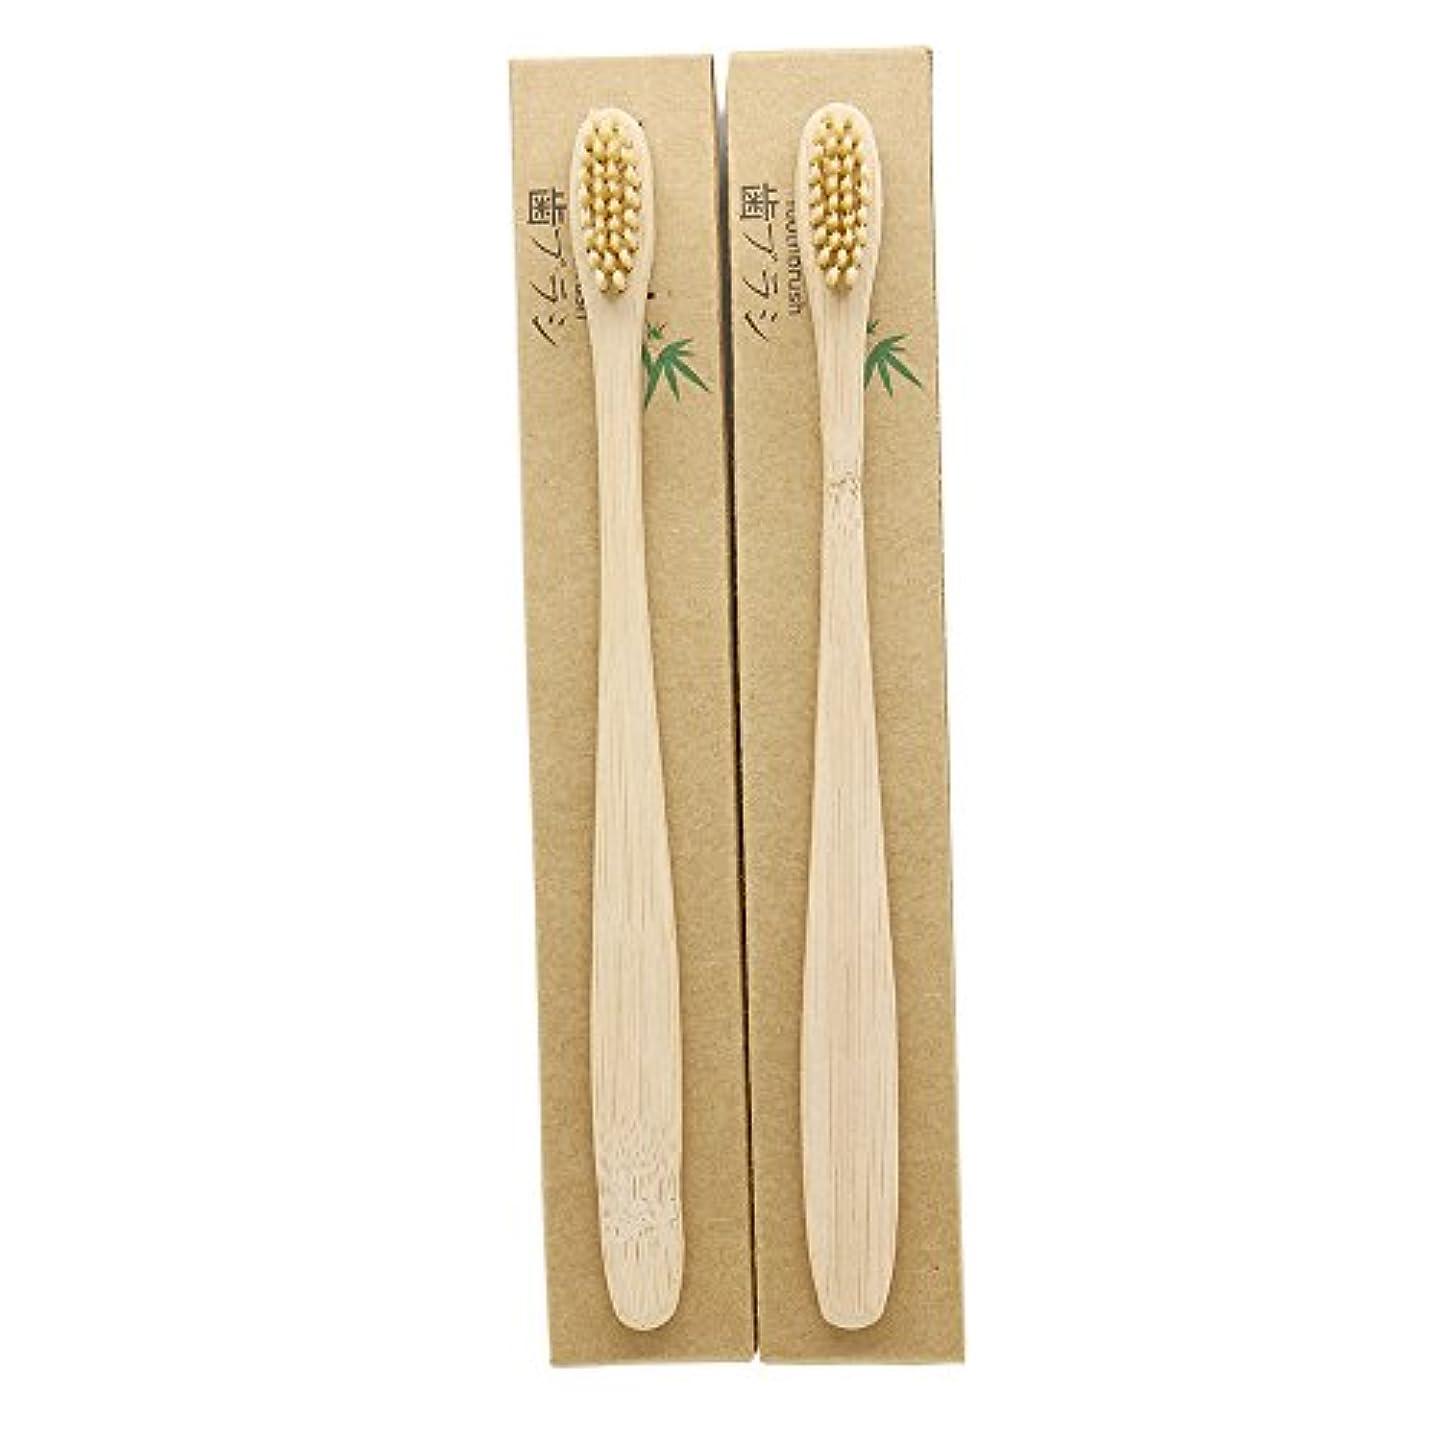 新聞もっと何故なのN-amboo 竹製耐久度高い 歯ブラシ 2本入り セット エコ ヘッド小さい クリ—ム色